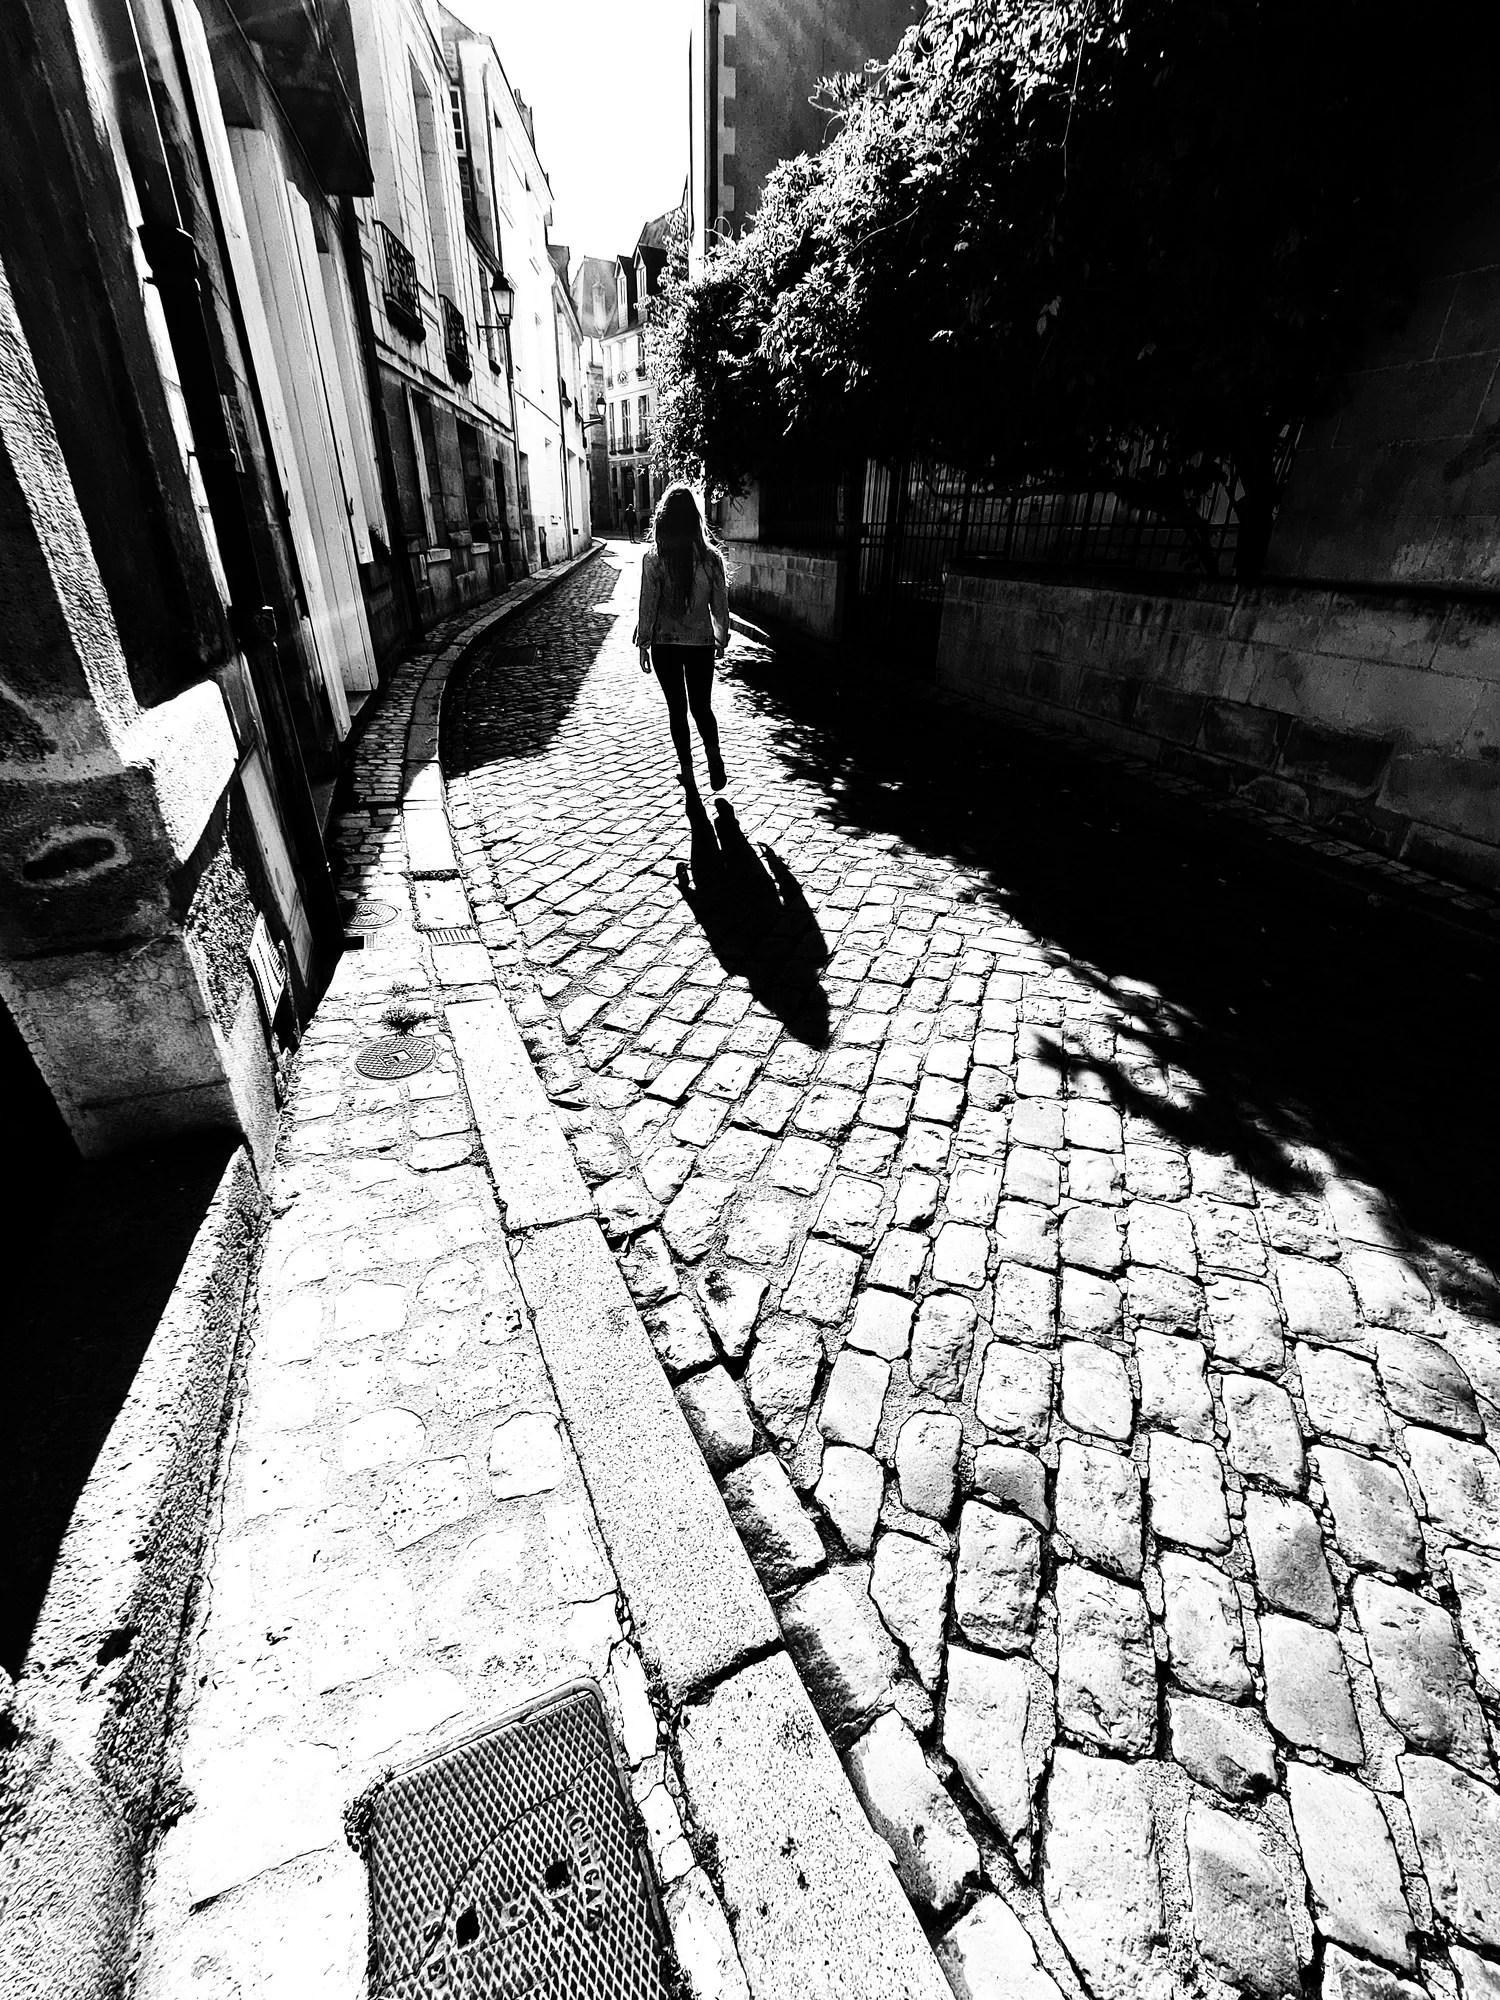 Photographie Noir Et Blanc : photographie, blanc, Photographie, Blanc, Secrets, D'une, Photo, Réussie, Smartphone